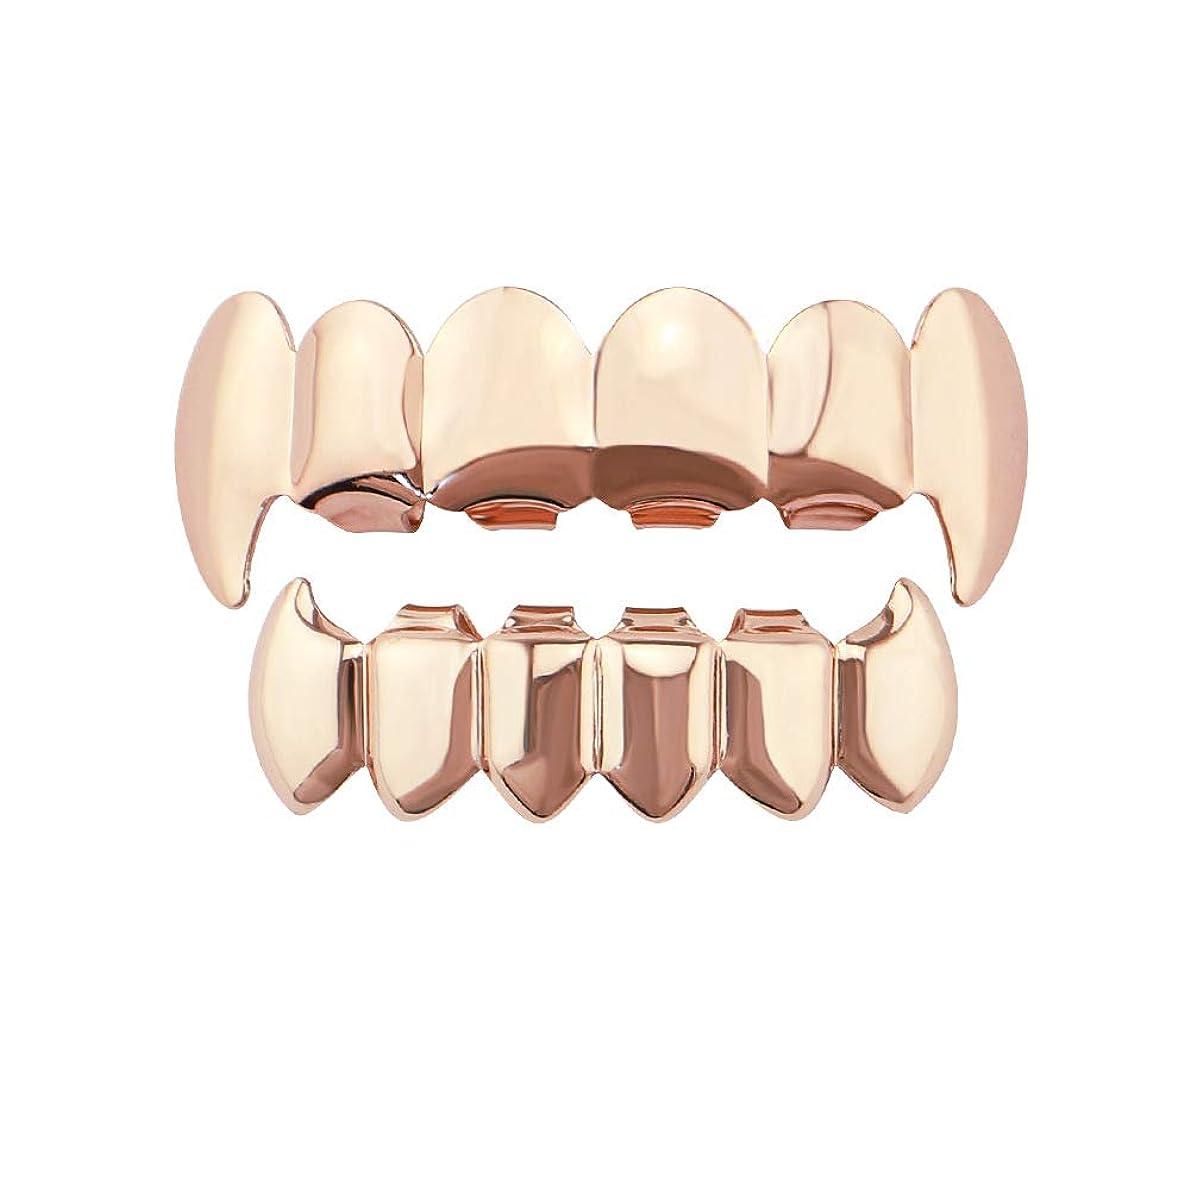 非公式海里ハシーYHDD 光沢のあるヒップホップ歯の上と下の歯の吸血鬼の牙のグリルは、Holleweenのギフトのために設定します。 (色 : ローズゴールド)